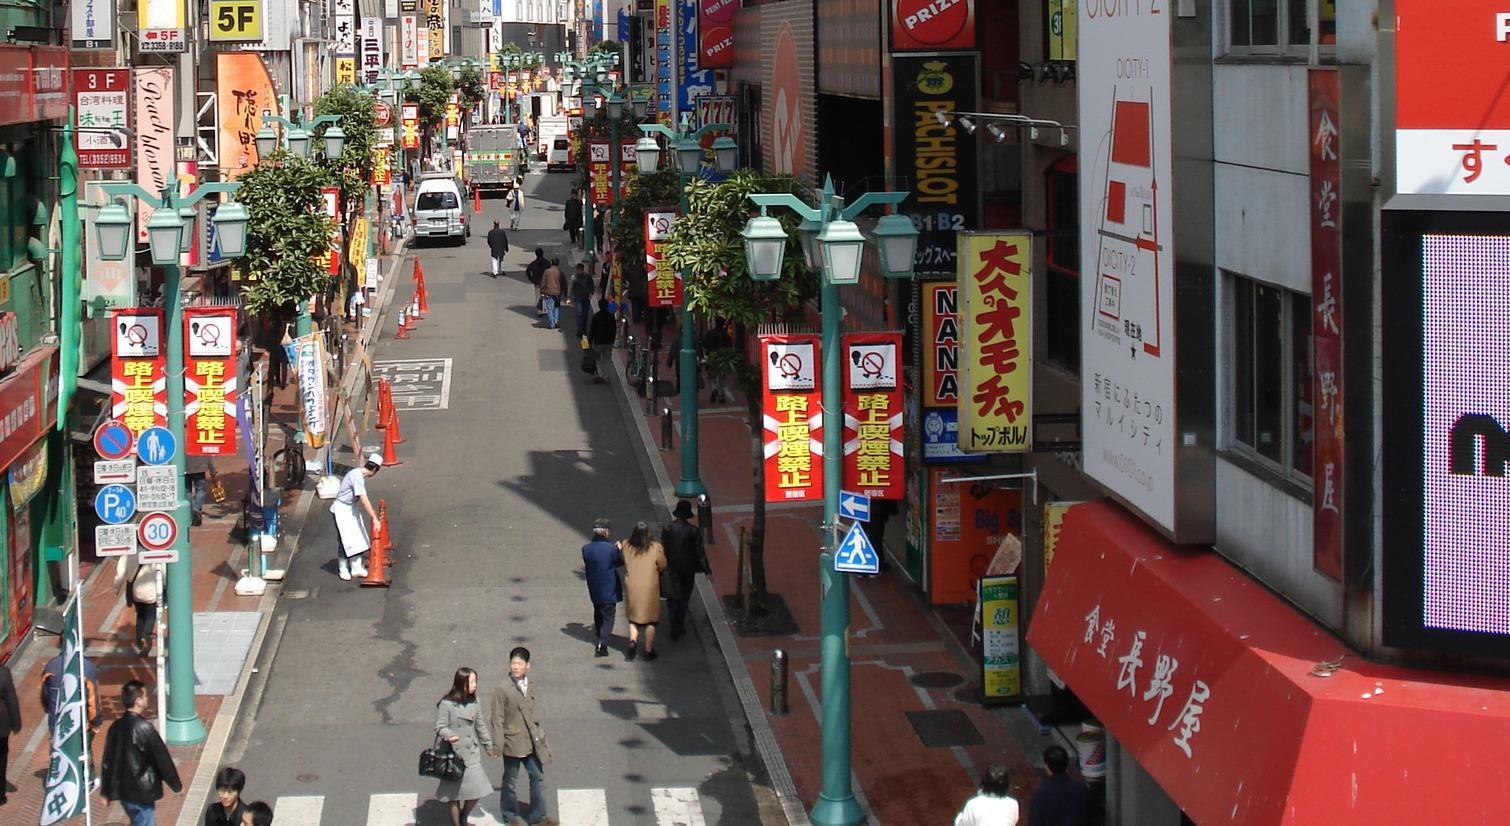 Les tendències mundials i els seus impactes a les grans metròpolis - Shinjuku